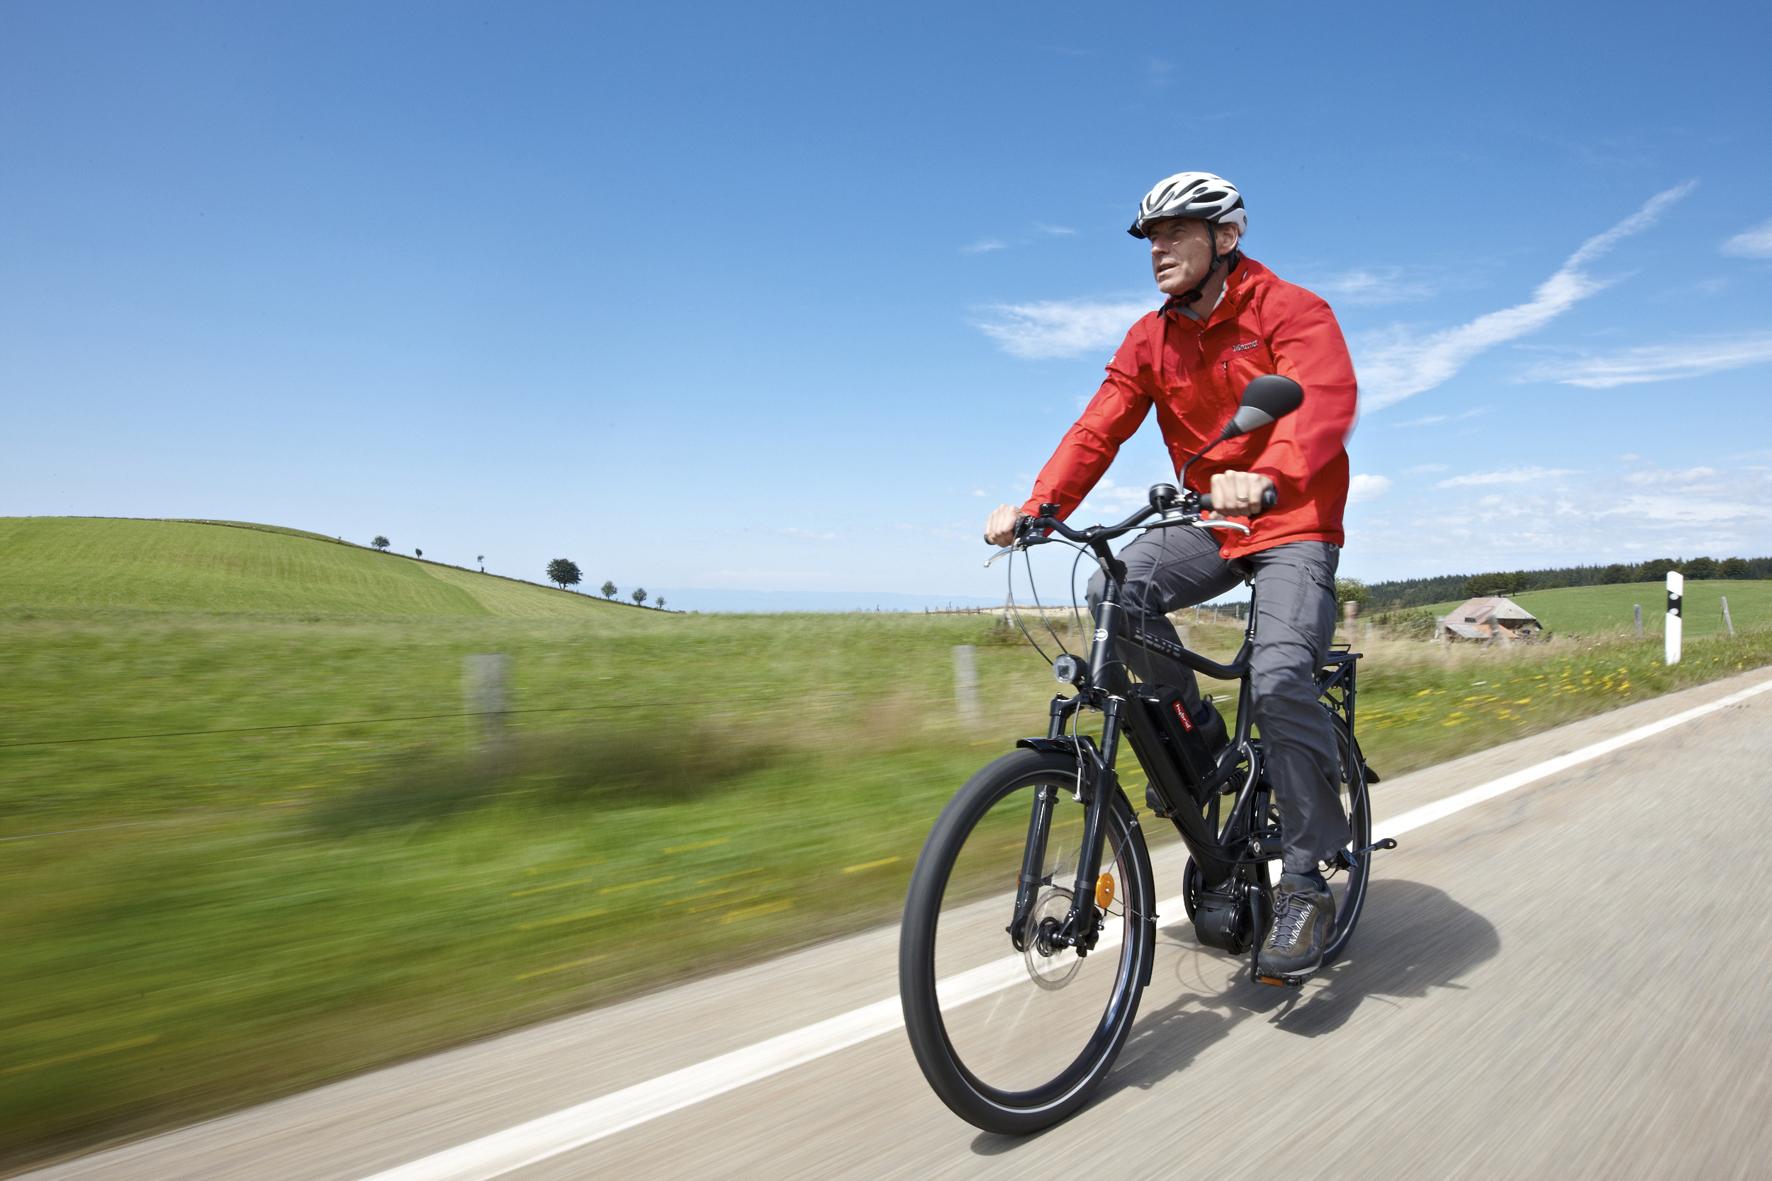 """mid Düsseldorf - Die bis zu 45 km/h schnellen """"S-Pedelecs"""" sollen künftig auch auf speziell gekennzeichneten Radwegen fahren dürfen."""